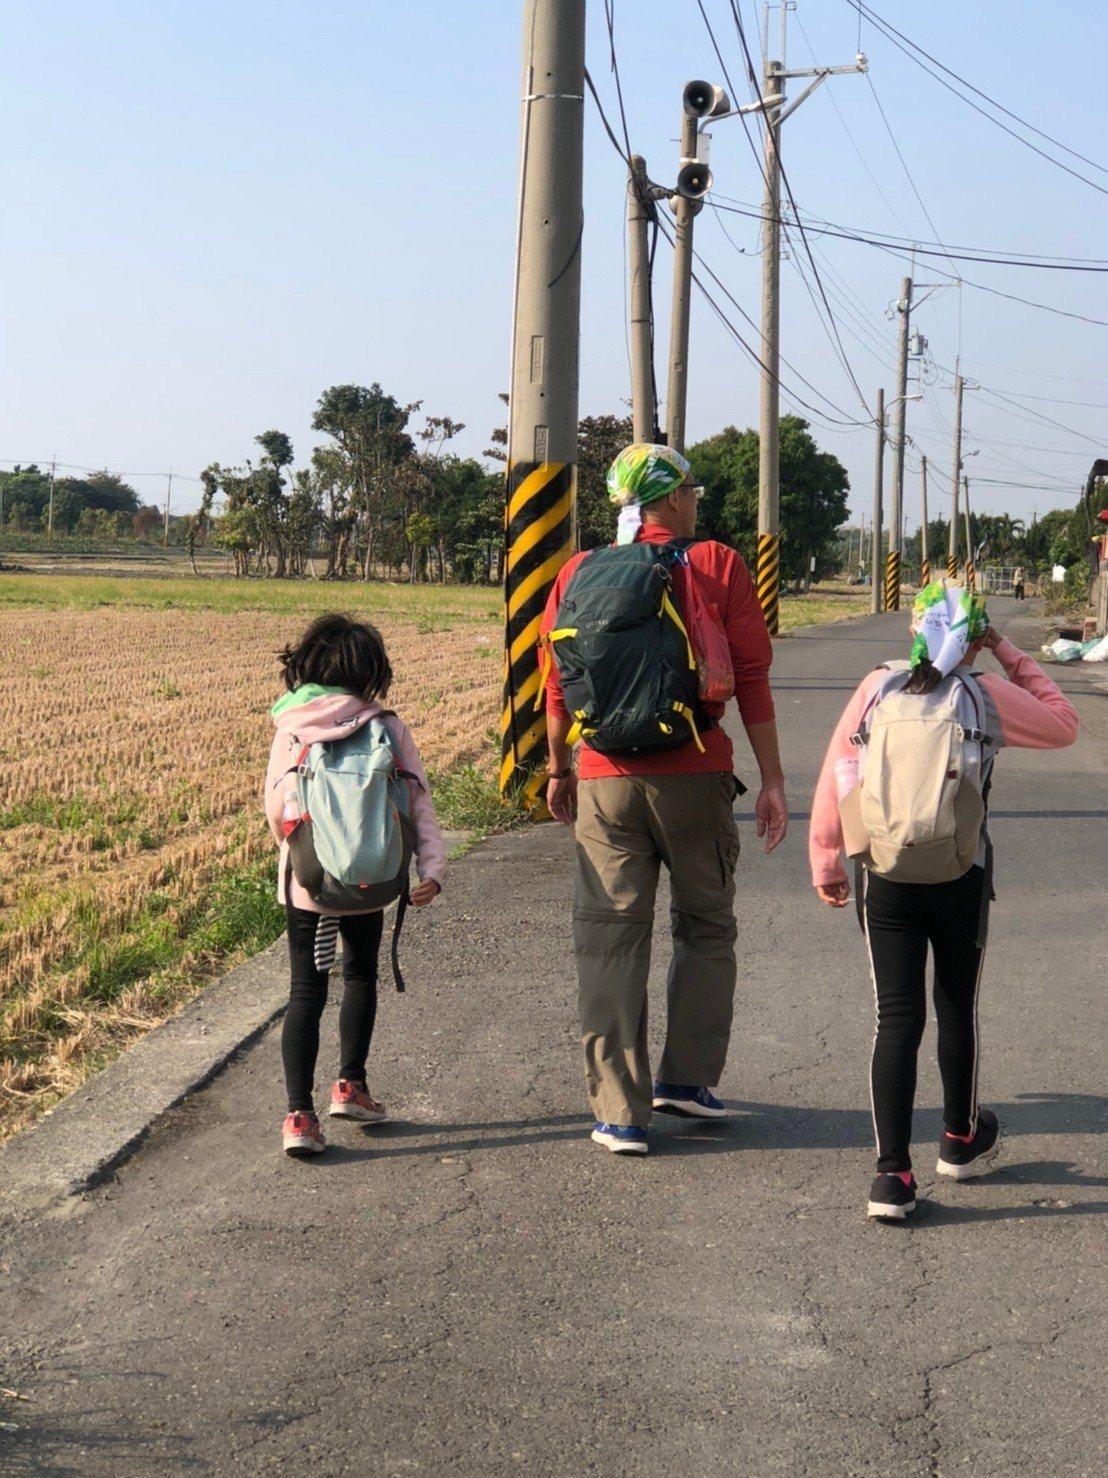 劉克襄喜歡搭車到小站後,再以步行方式探索當地。圖為他從田中到北斗的紀錄。照片提供...